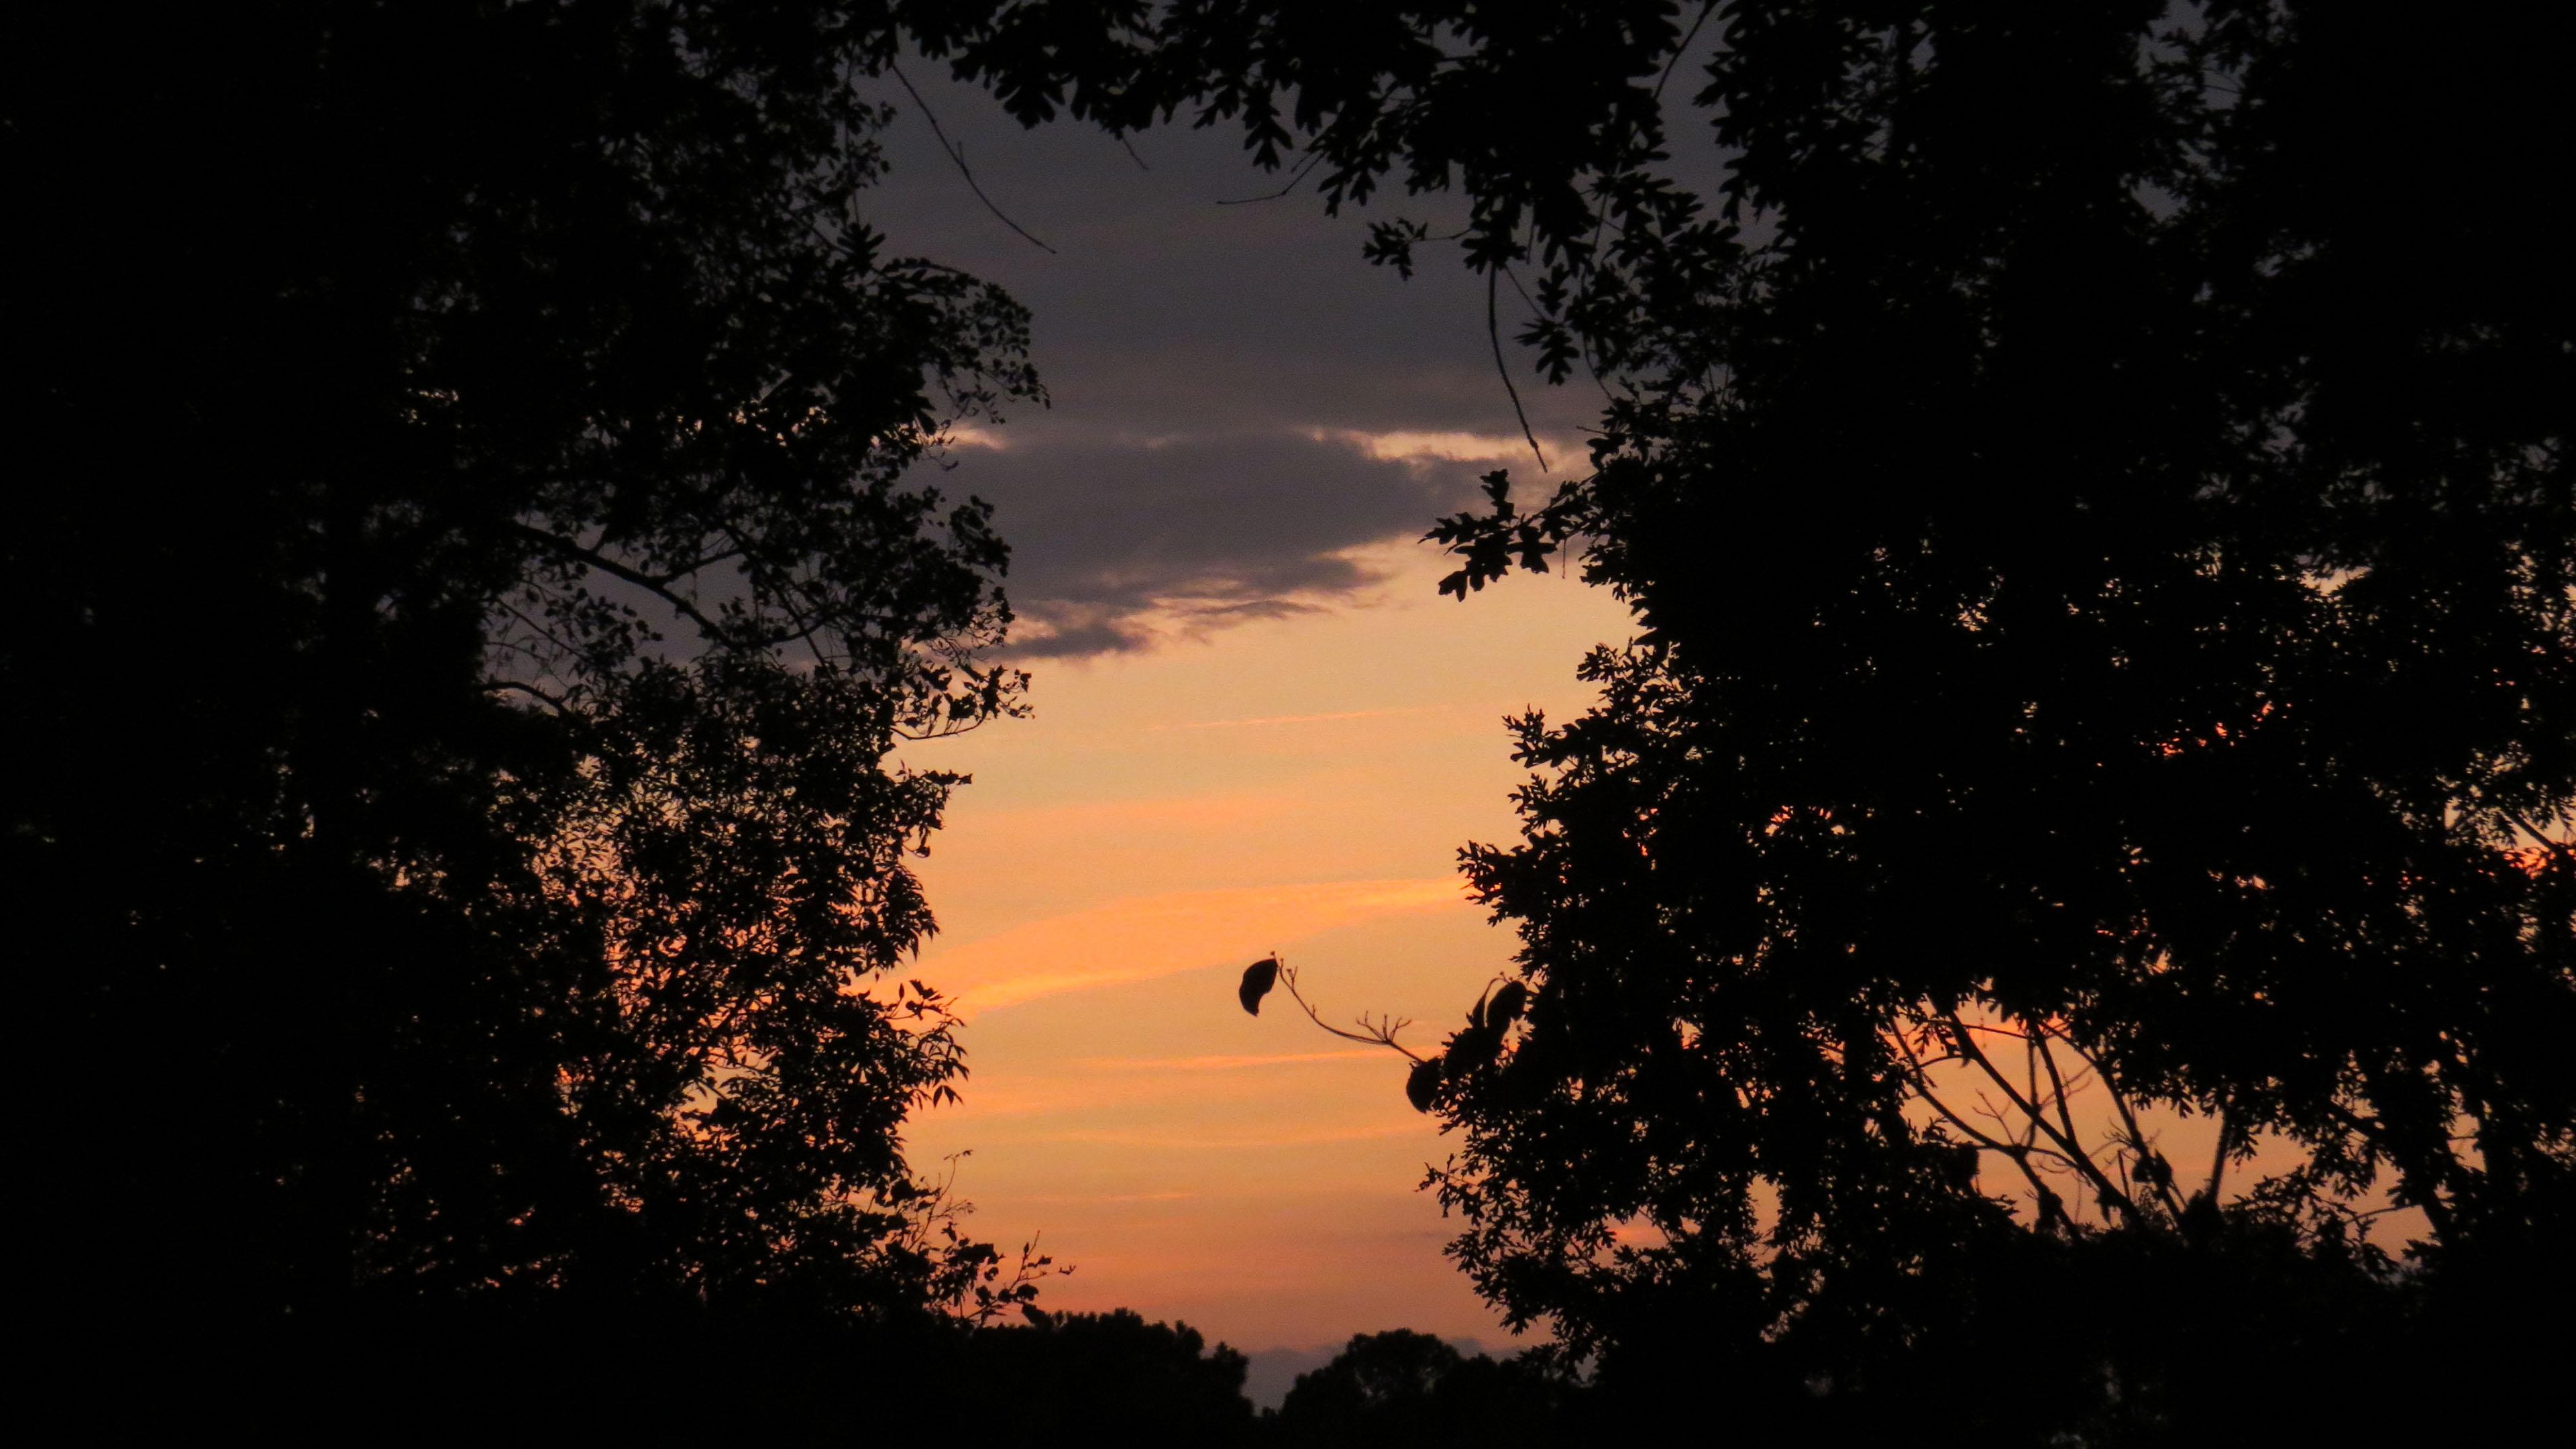 风景大片,落日余晖,晚霞,天空,树林